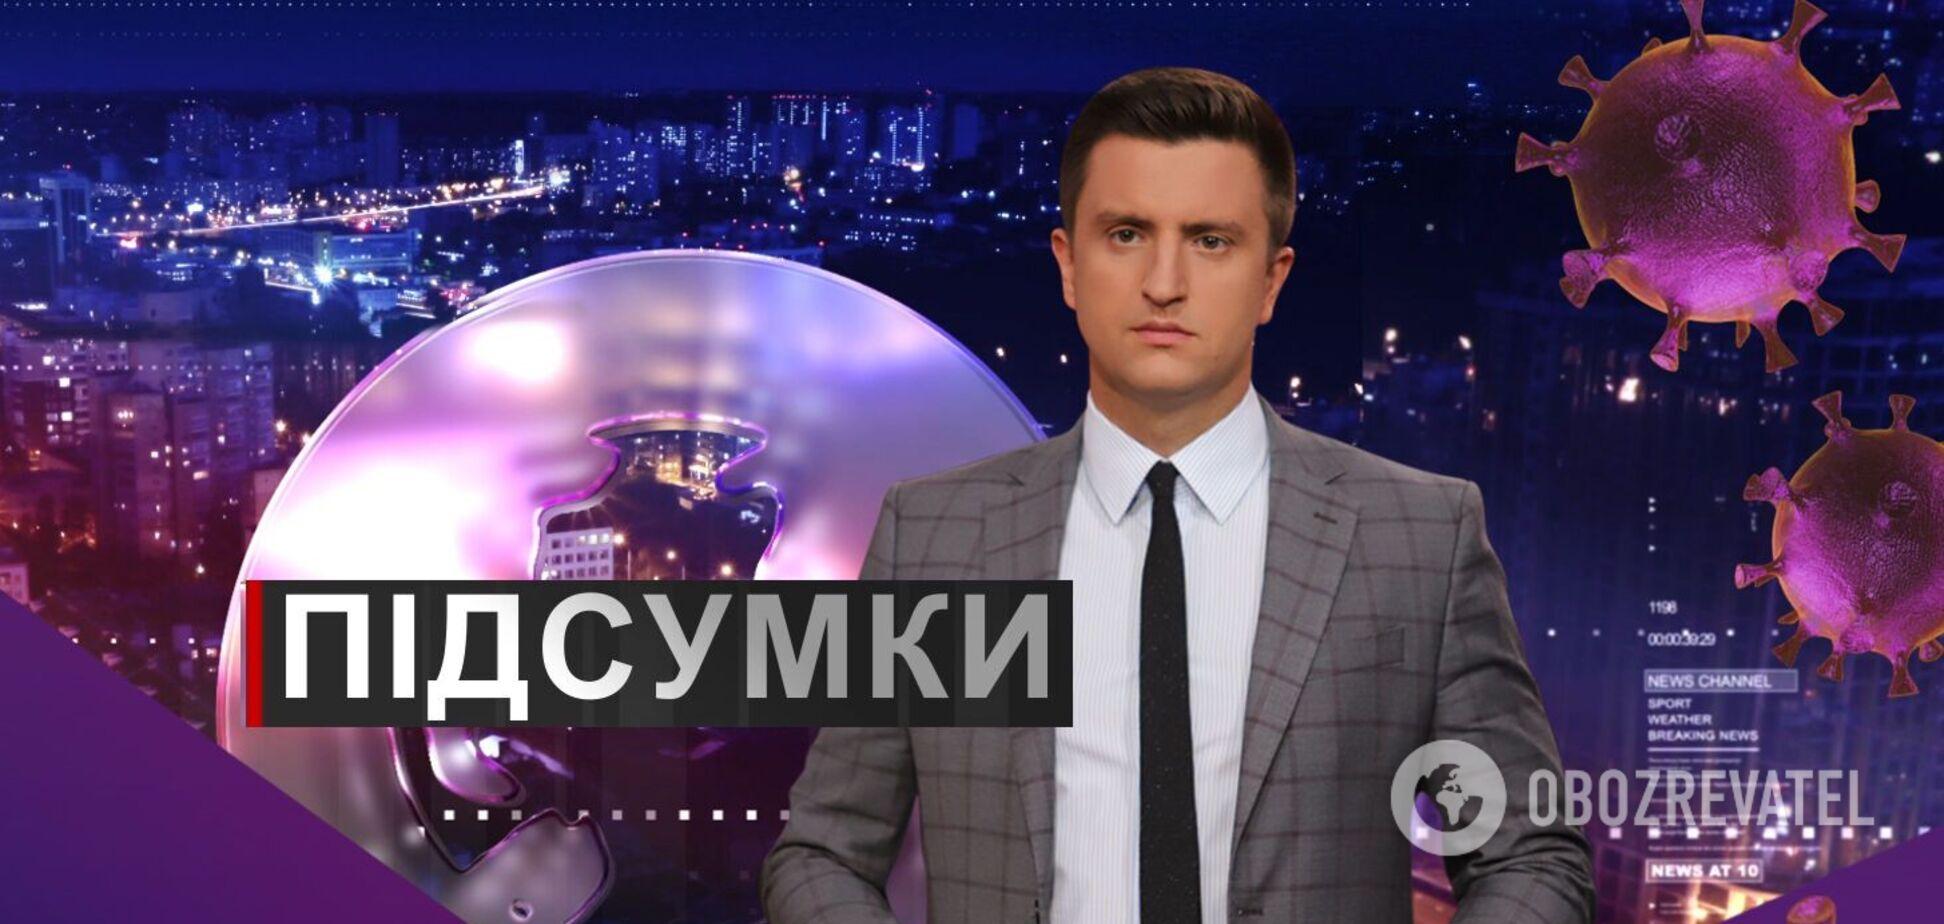 Підсумки дня з Вадимом Колодійчуком. Вівторок, 17 листопада